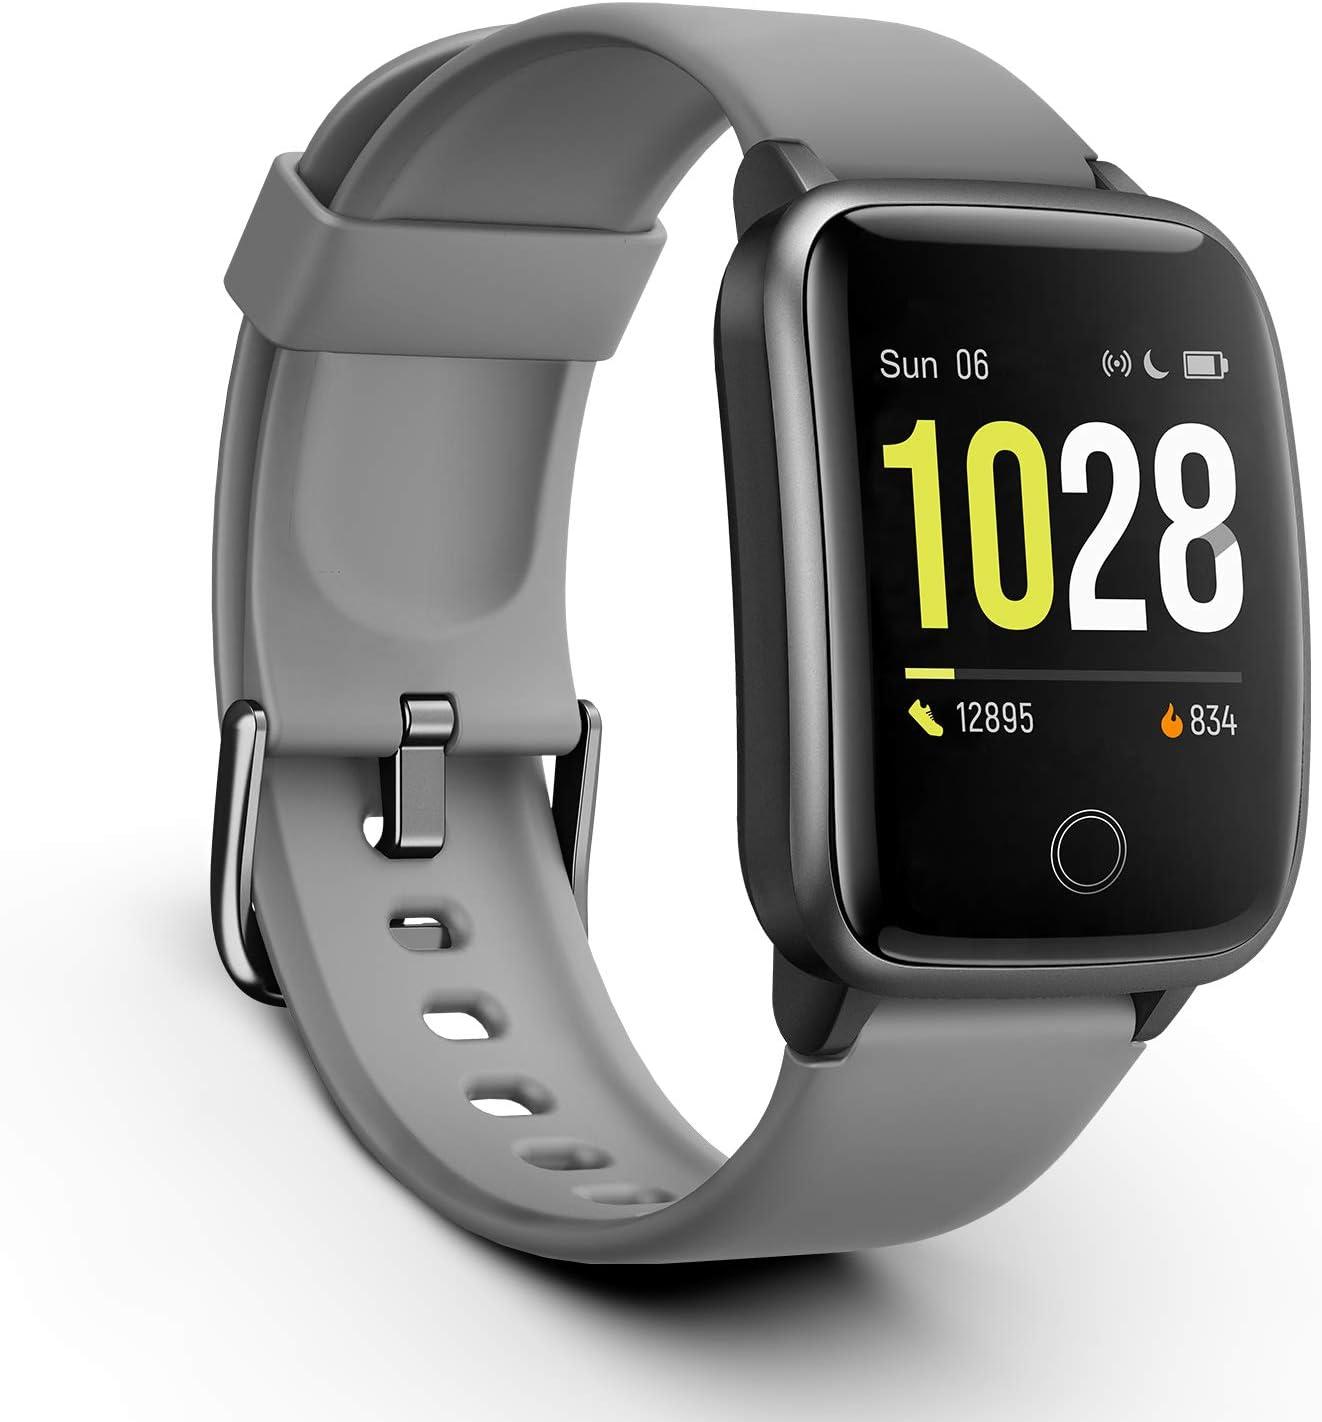 Vigorun Smartwatch Reloj Inteligente Hombre Mujer, Pantalla Táctil Completa Relojes Deportivos, Monitor Ritmo Cardíaco y Sueño, Podómetro, Impermeable Pulsera Actividad Inteligente Android: Amazon.es: Electrónica